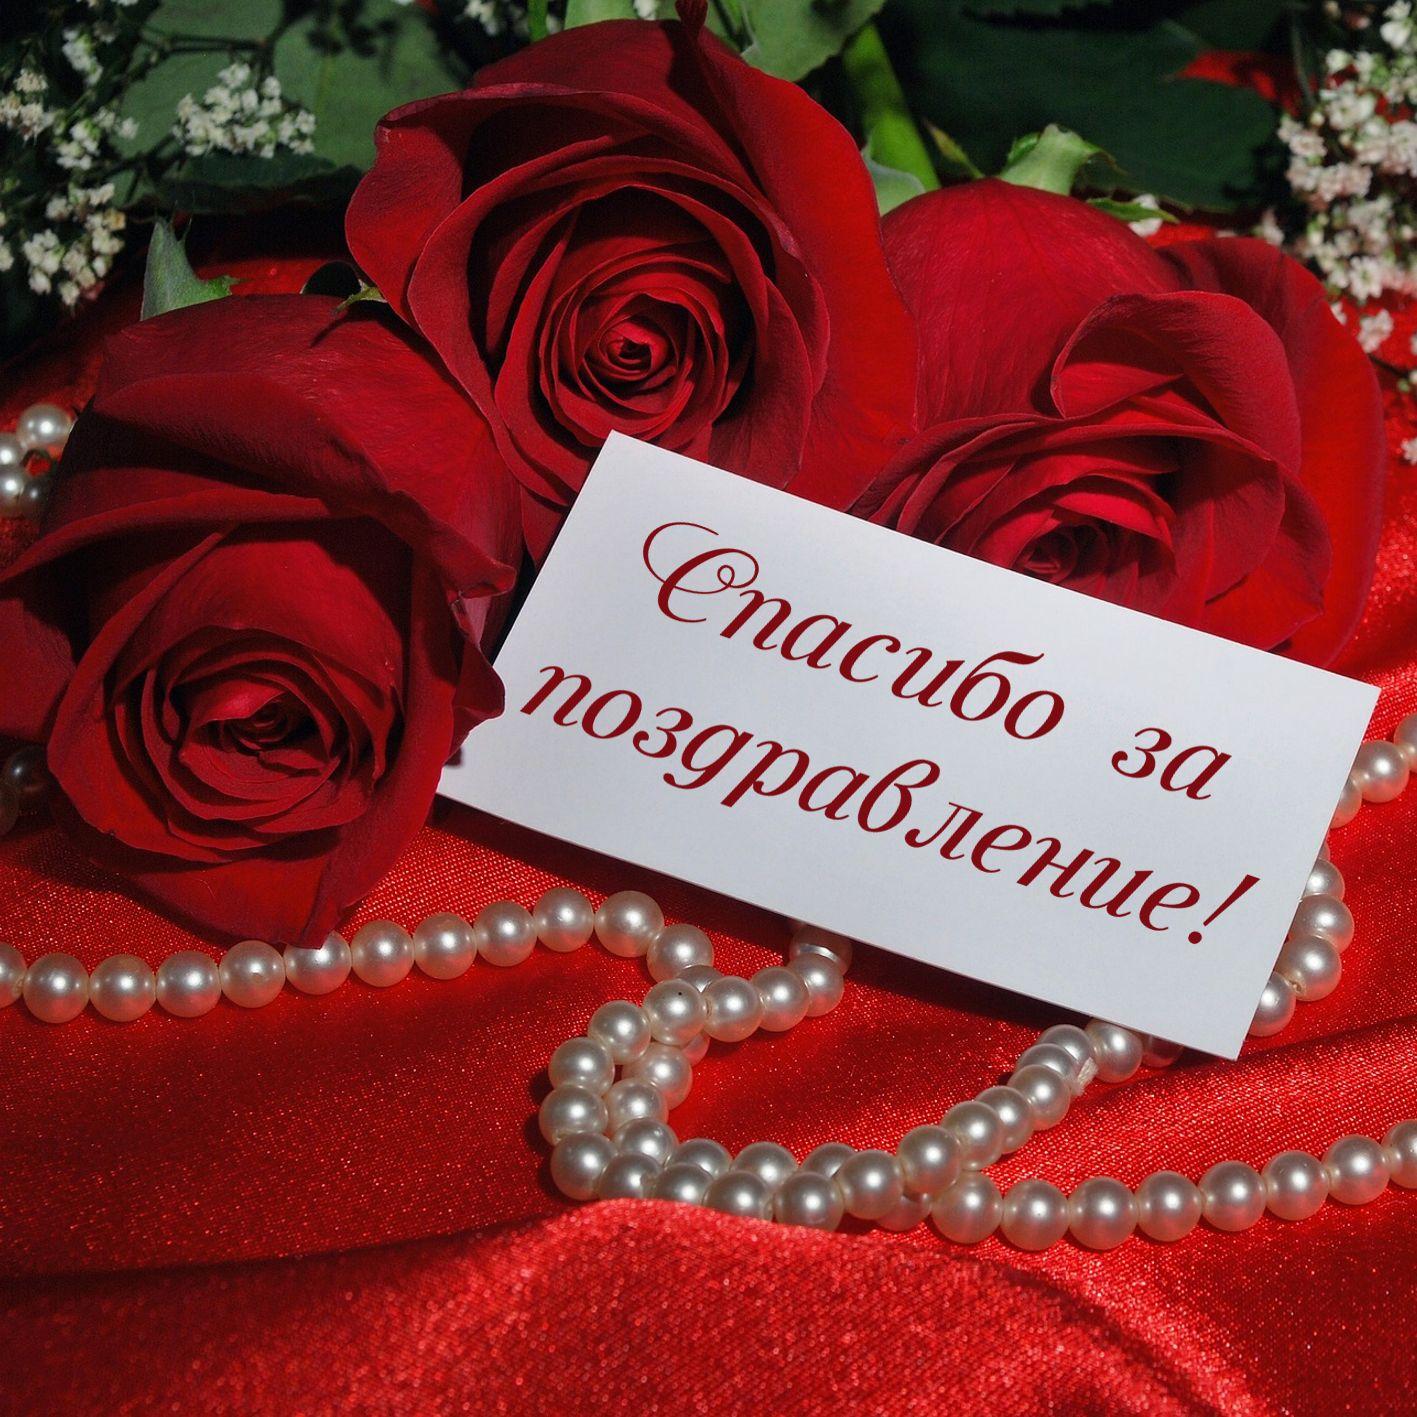 Для малыша, картинки роза с надписью спасибо